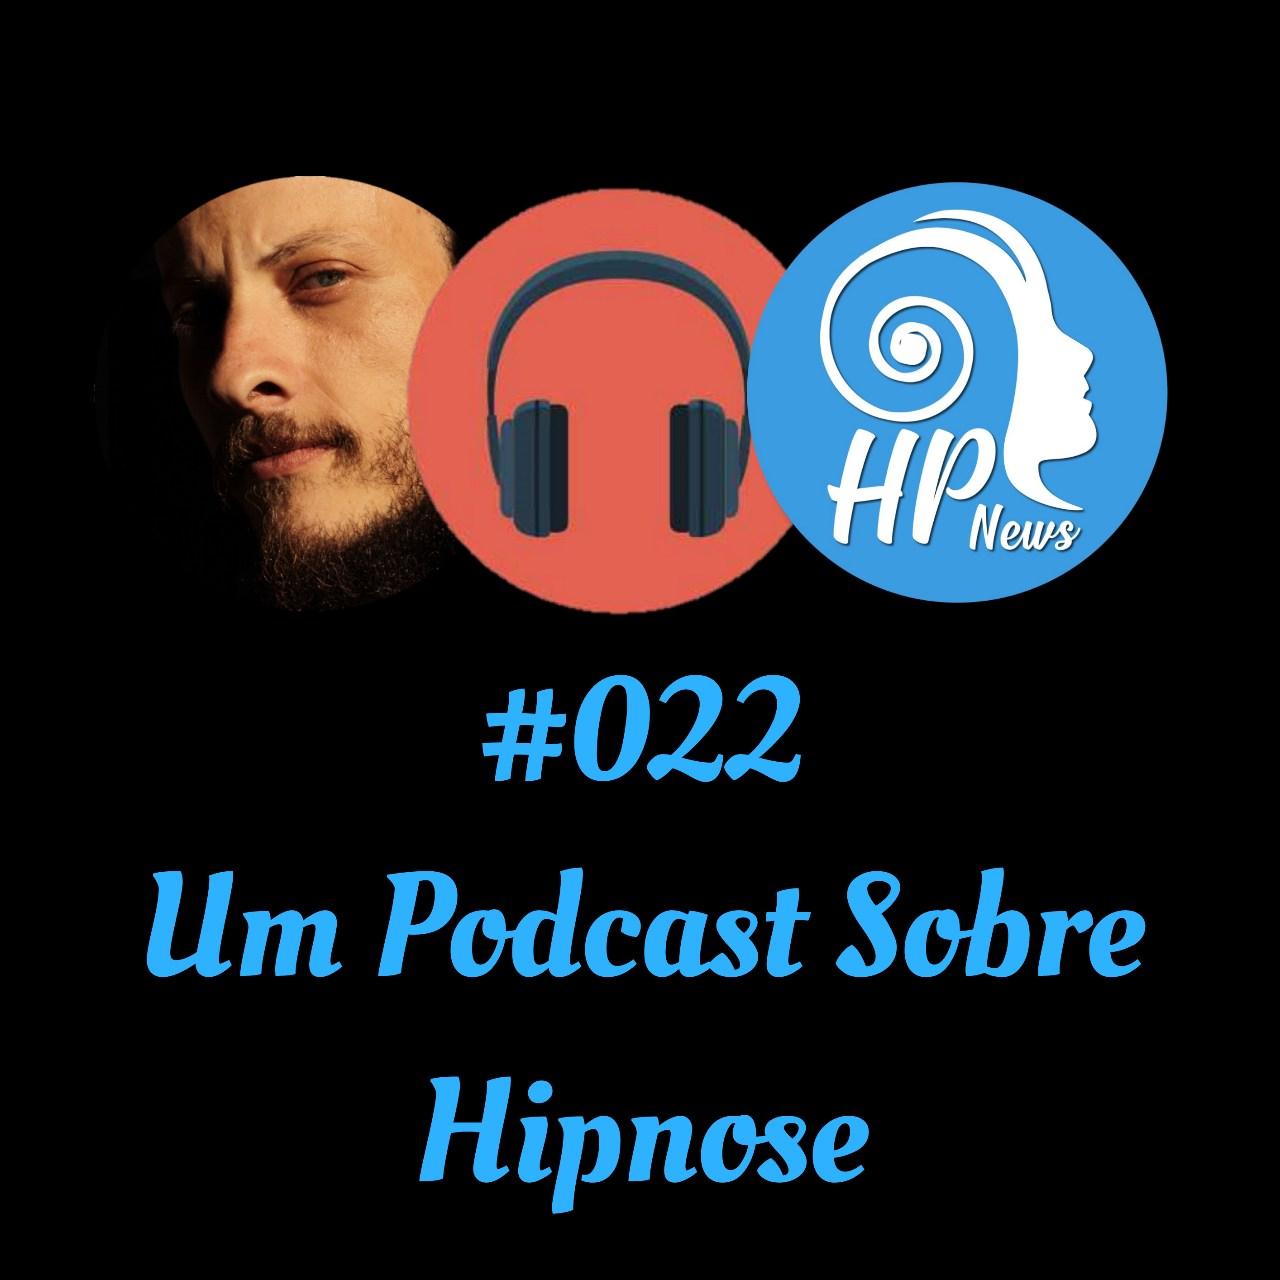 HP News 022 - Um Podcast Sobre Hipnose